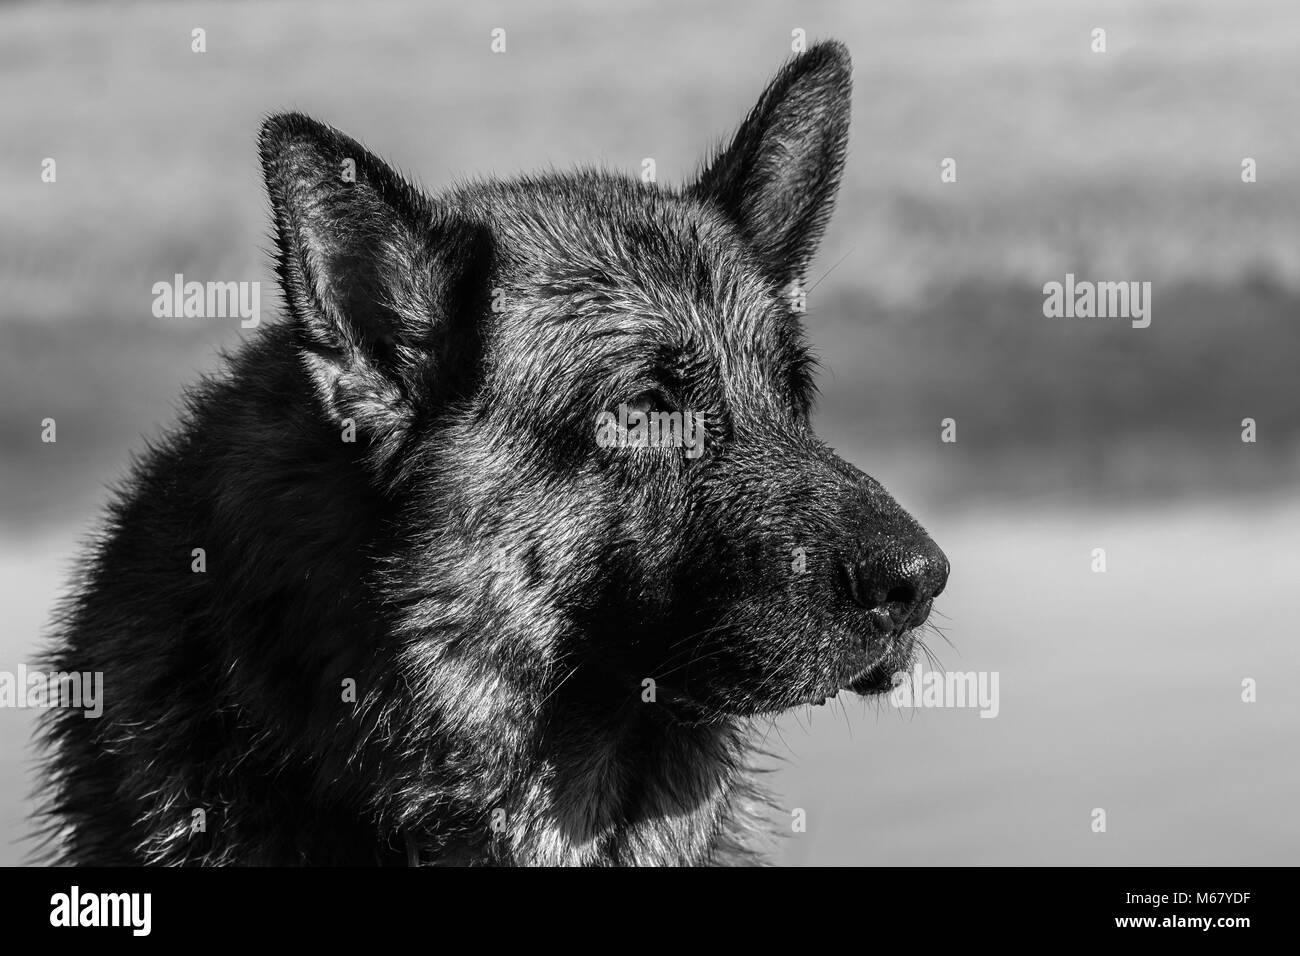 Il mio caro amico Odin, una spettacolare pastore tedesco cane, godersi la spiaggia in inverno, con vasca da bagno Immagini Stock